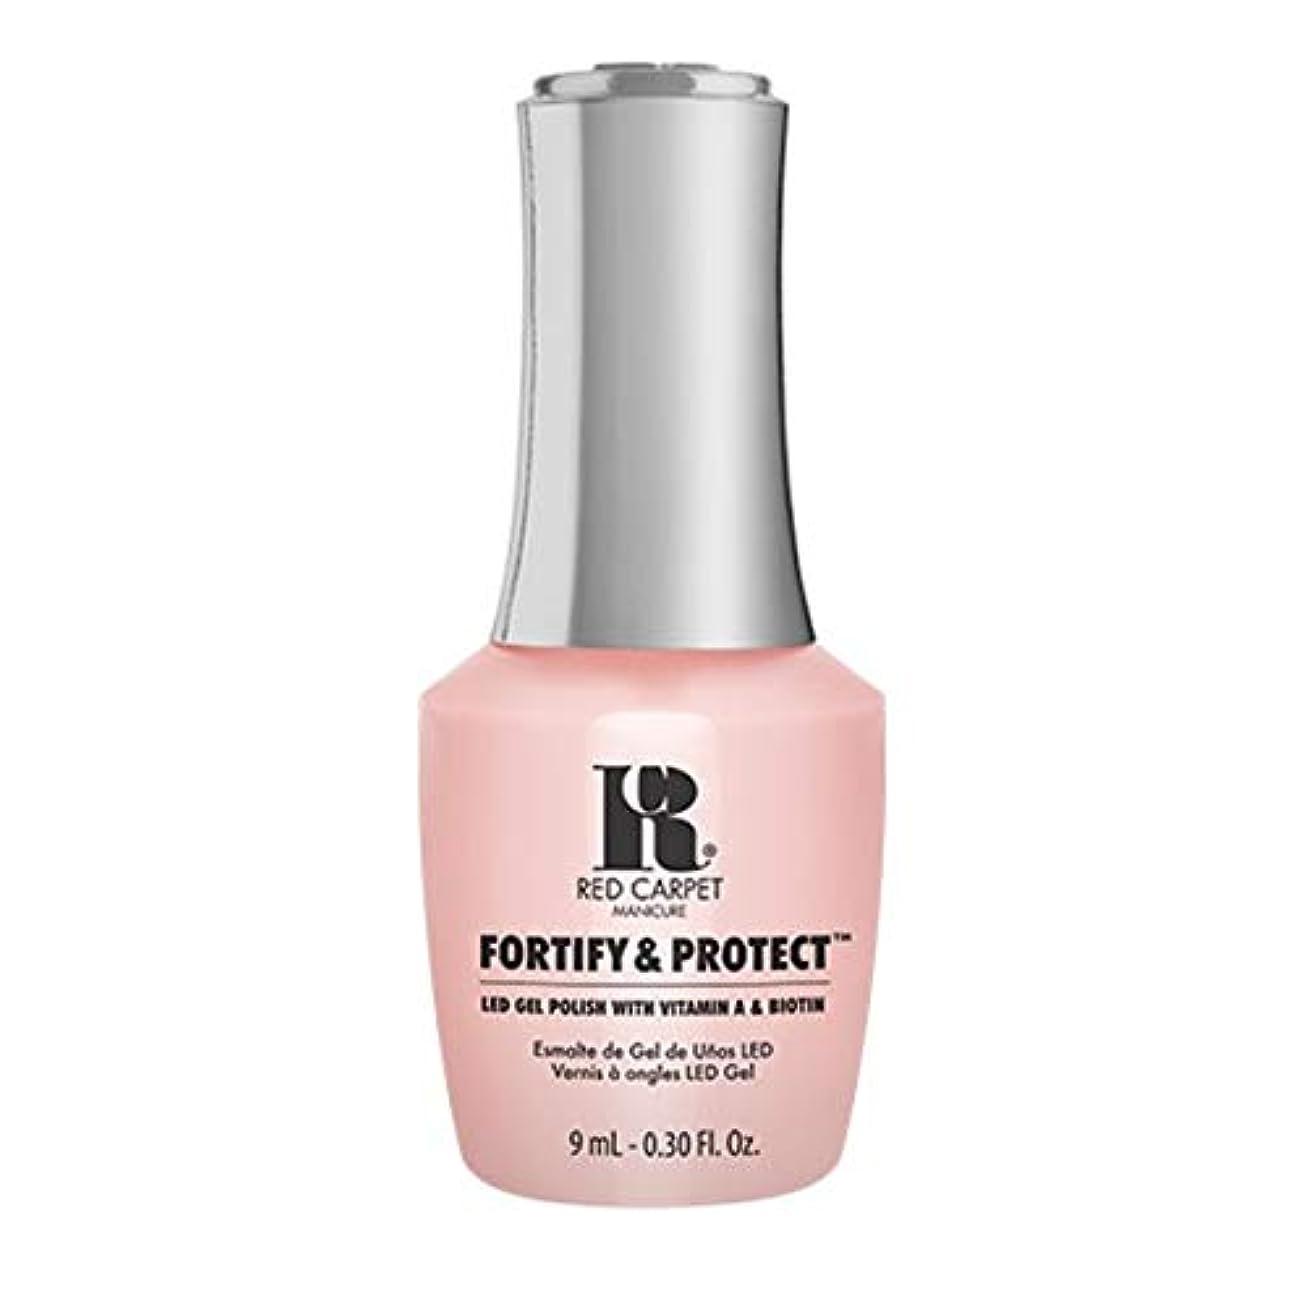 寮きちんとしたいじめっ子Red Carpet Manicure - Fortify & Protect - No Damsels Here - 9ml / 0.30oz